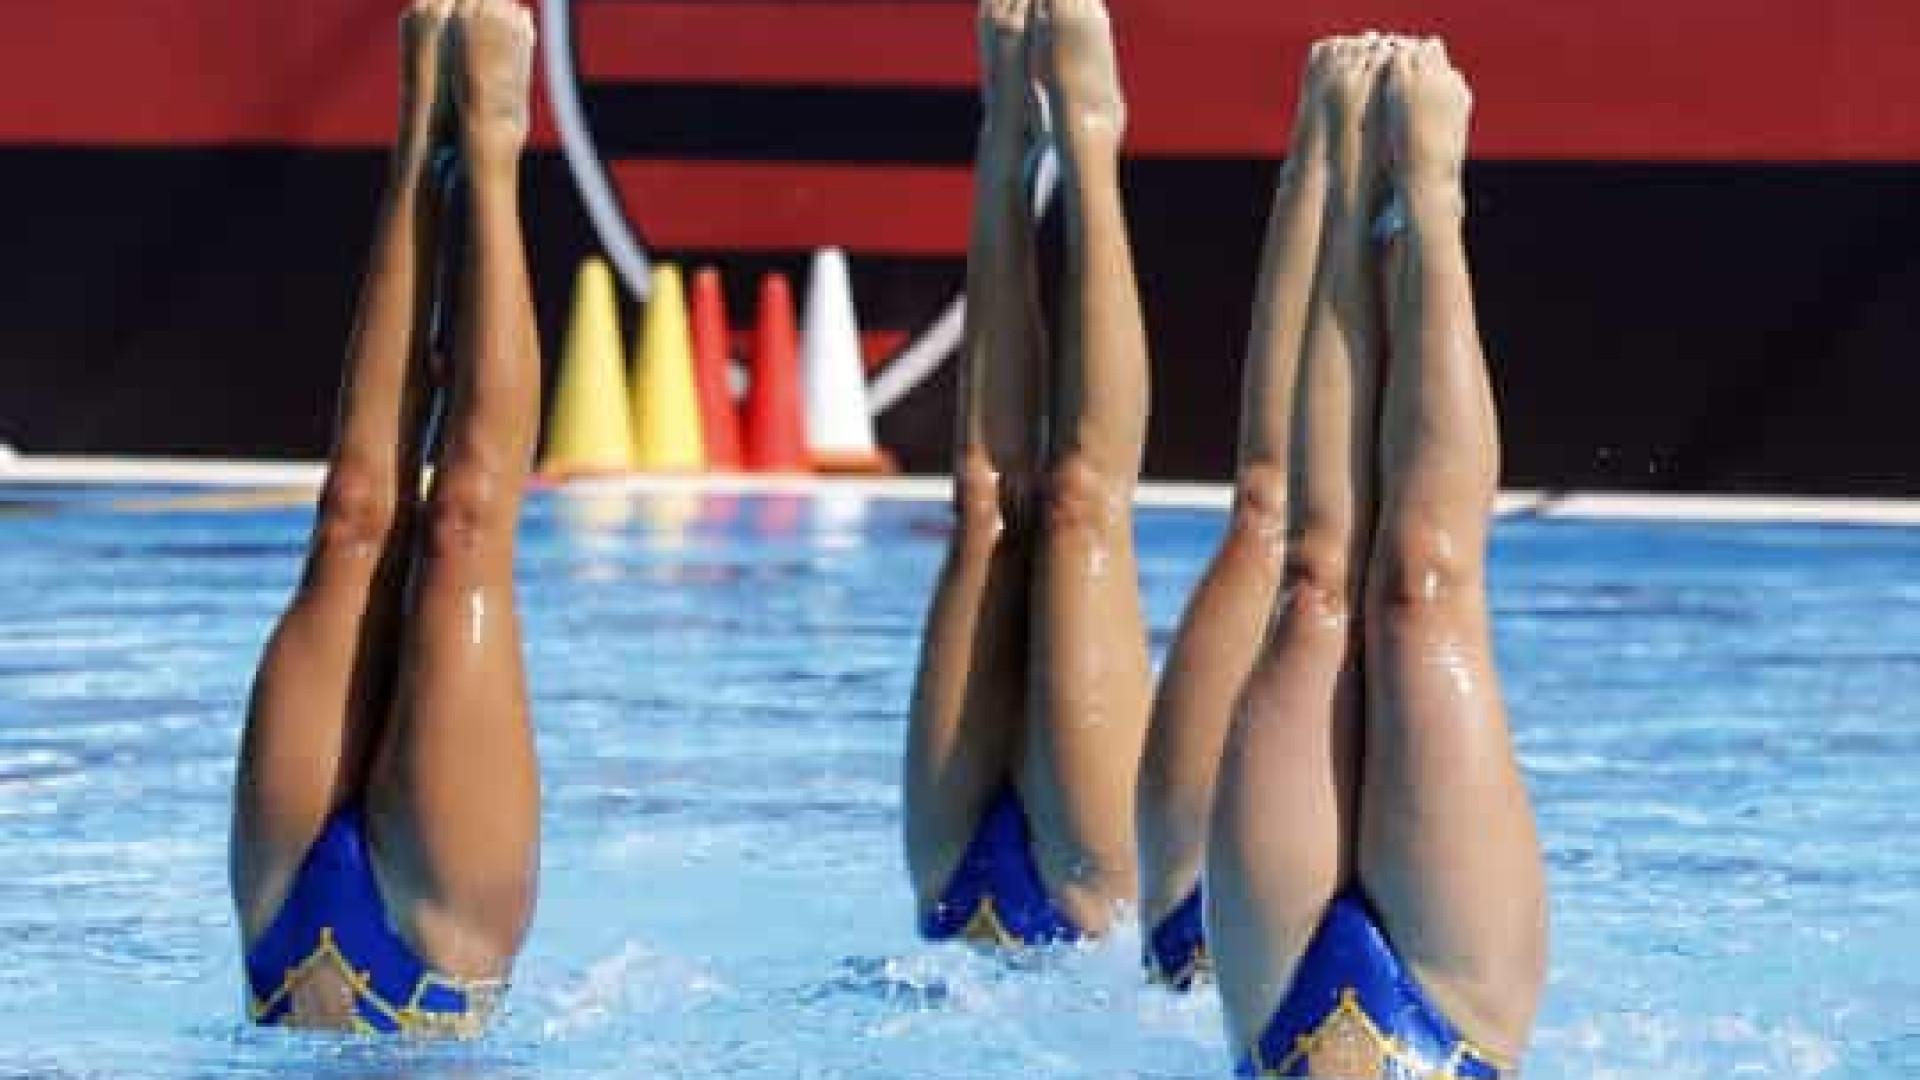 Nado artístico: três amigas disputam vaga no dueto do Pré-olímpico